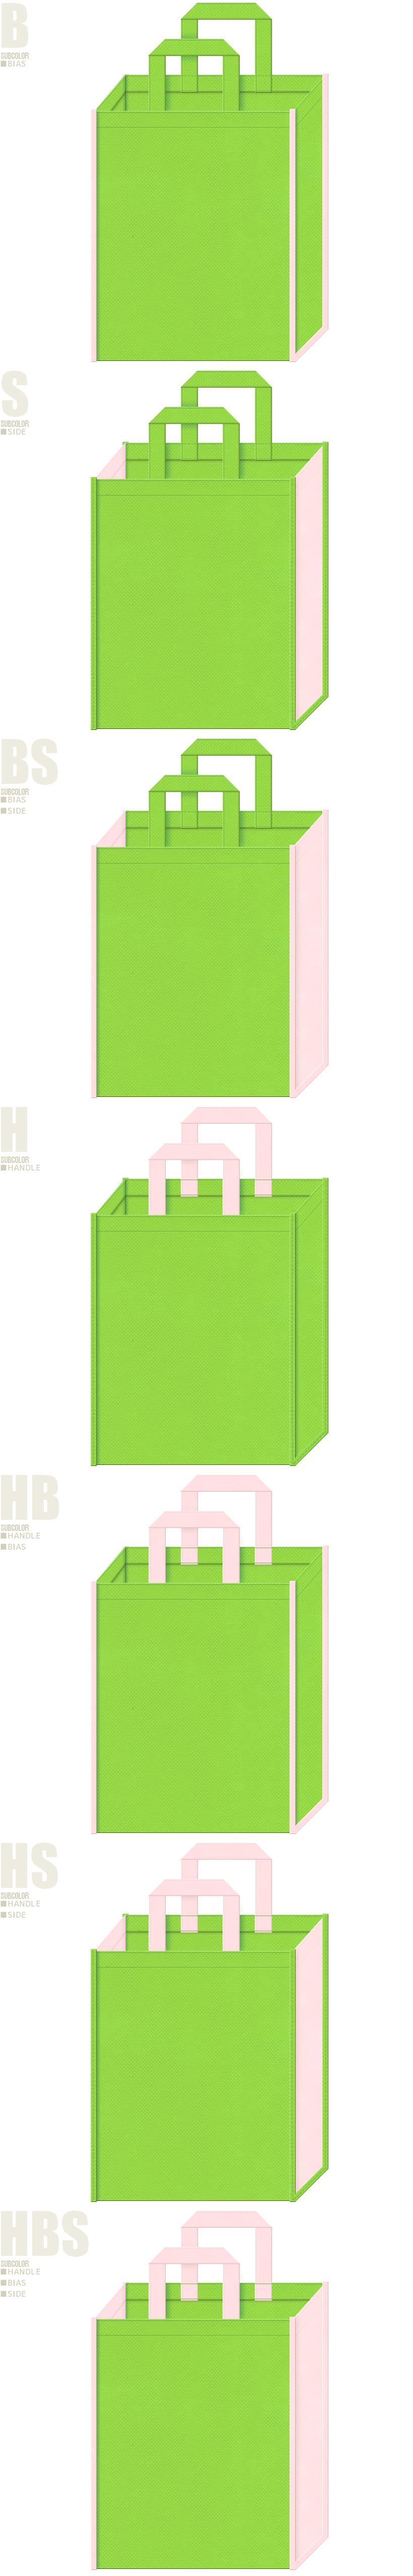 お花見・葉桜・あじさい・インコ・絵本の展覧会用バッグにお奨めの不織布バッグデザイン:黄緑色と桜色の不織布バッグ配色7パターン。